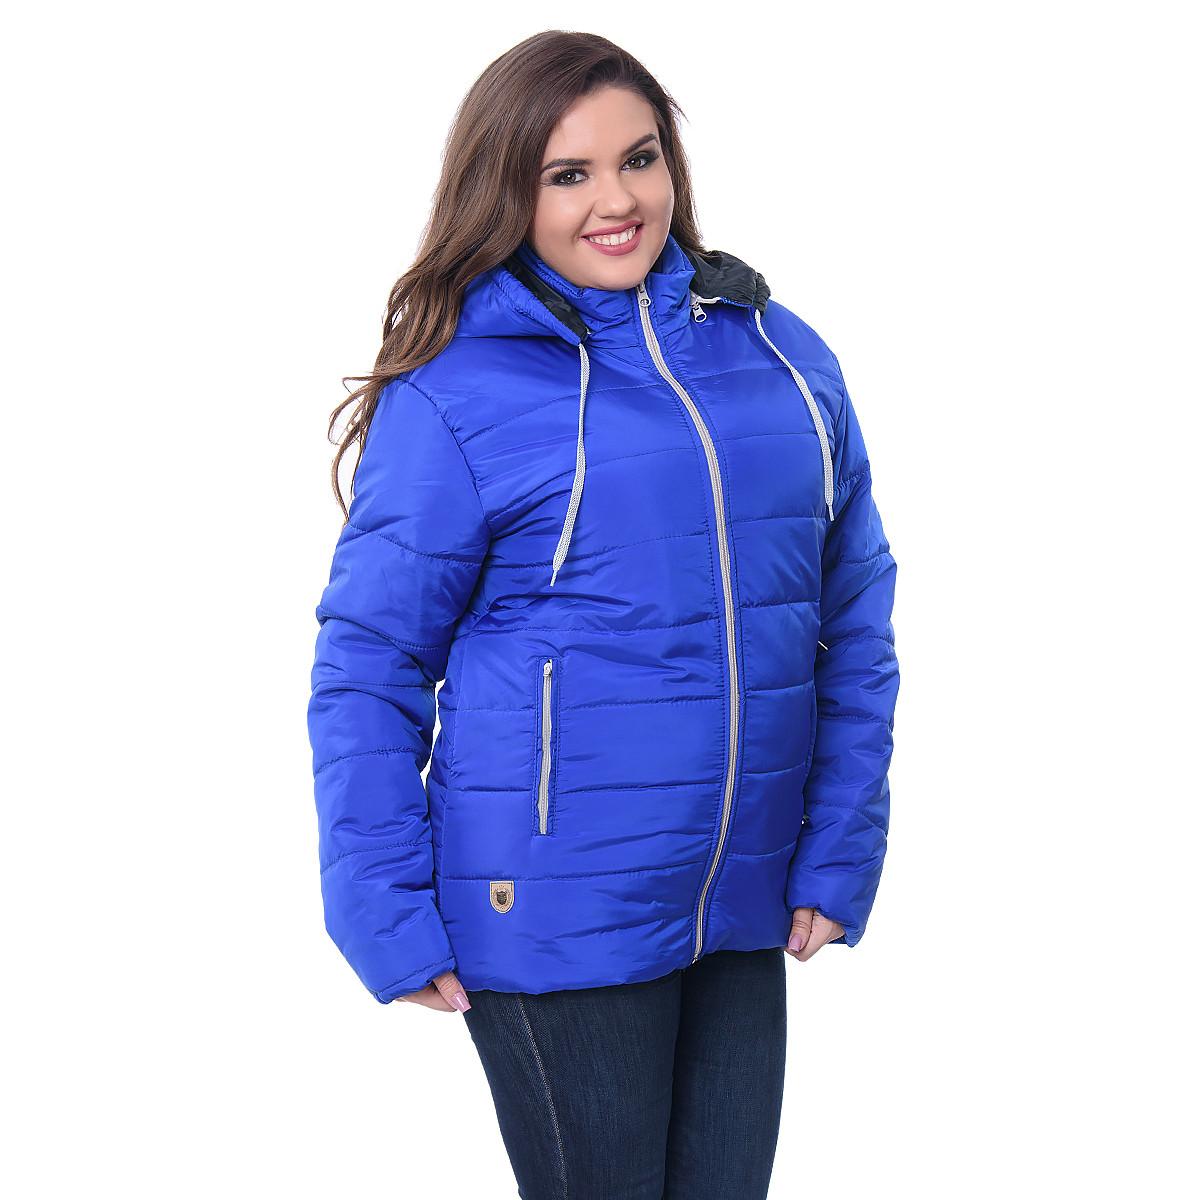 2349bfdbea59 Куртка женская осень весна от производителя K1227G - Оптово-розничный  интернет-магазин спортивной одежды